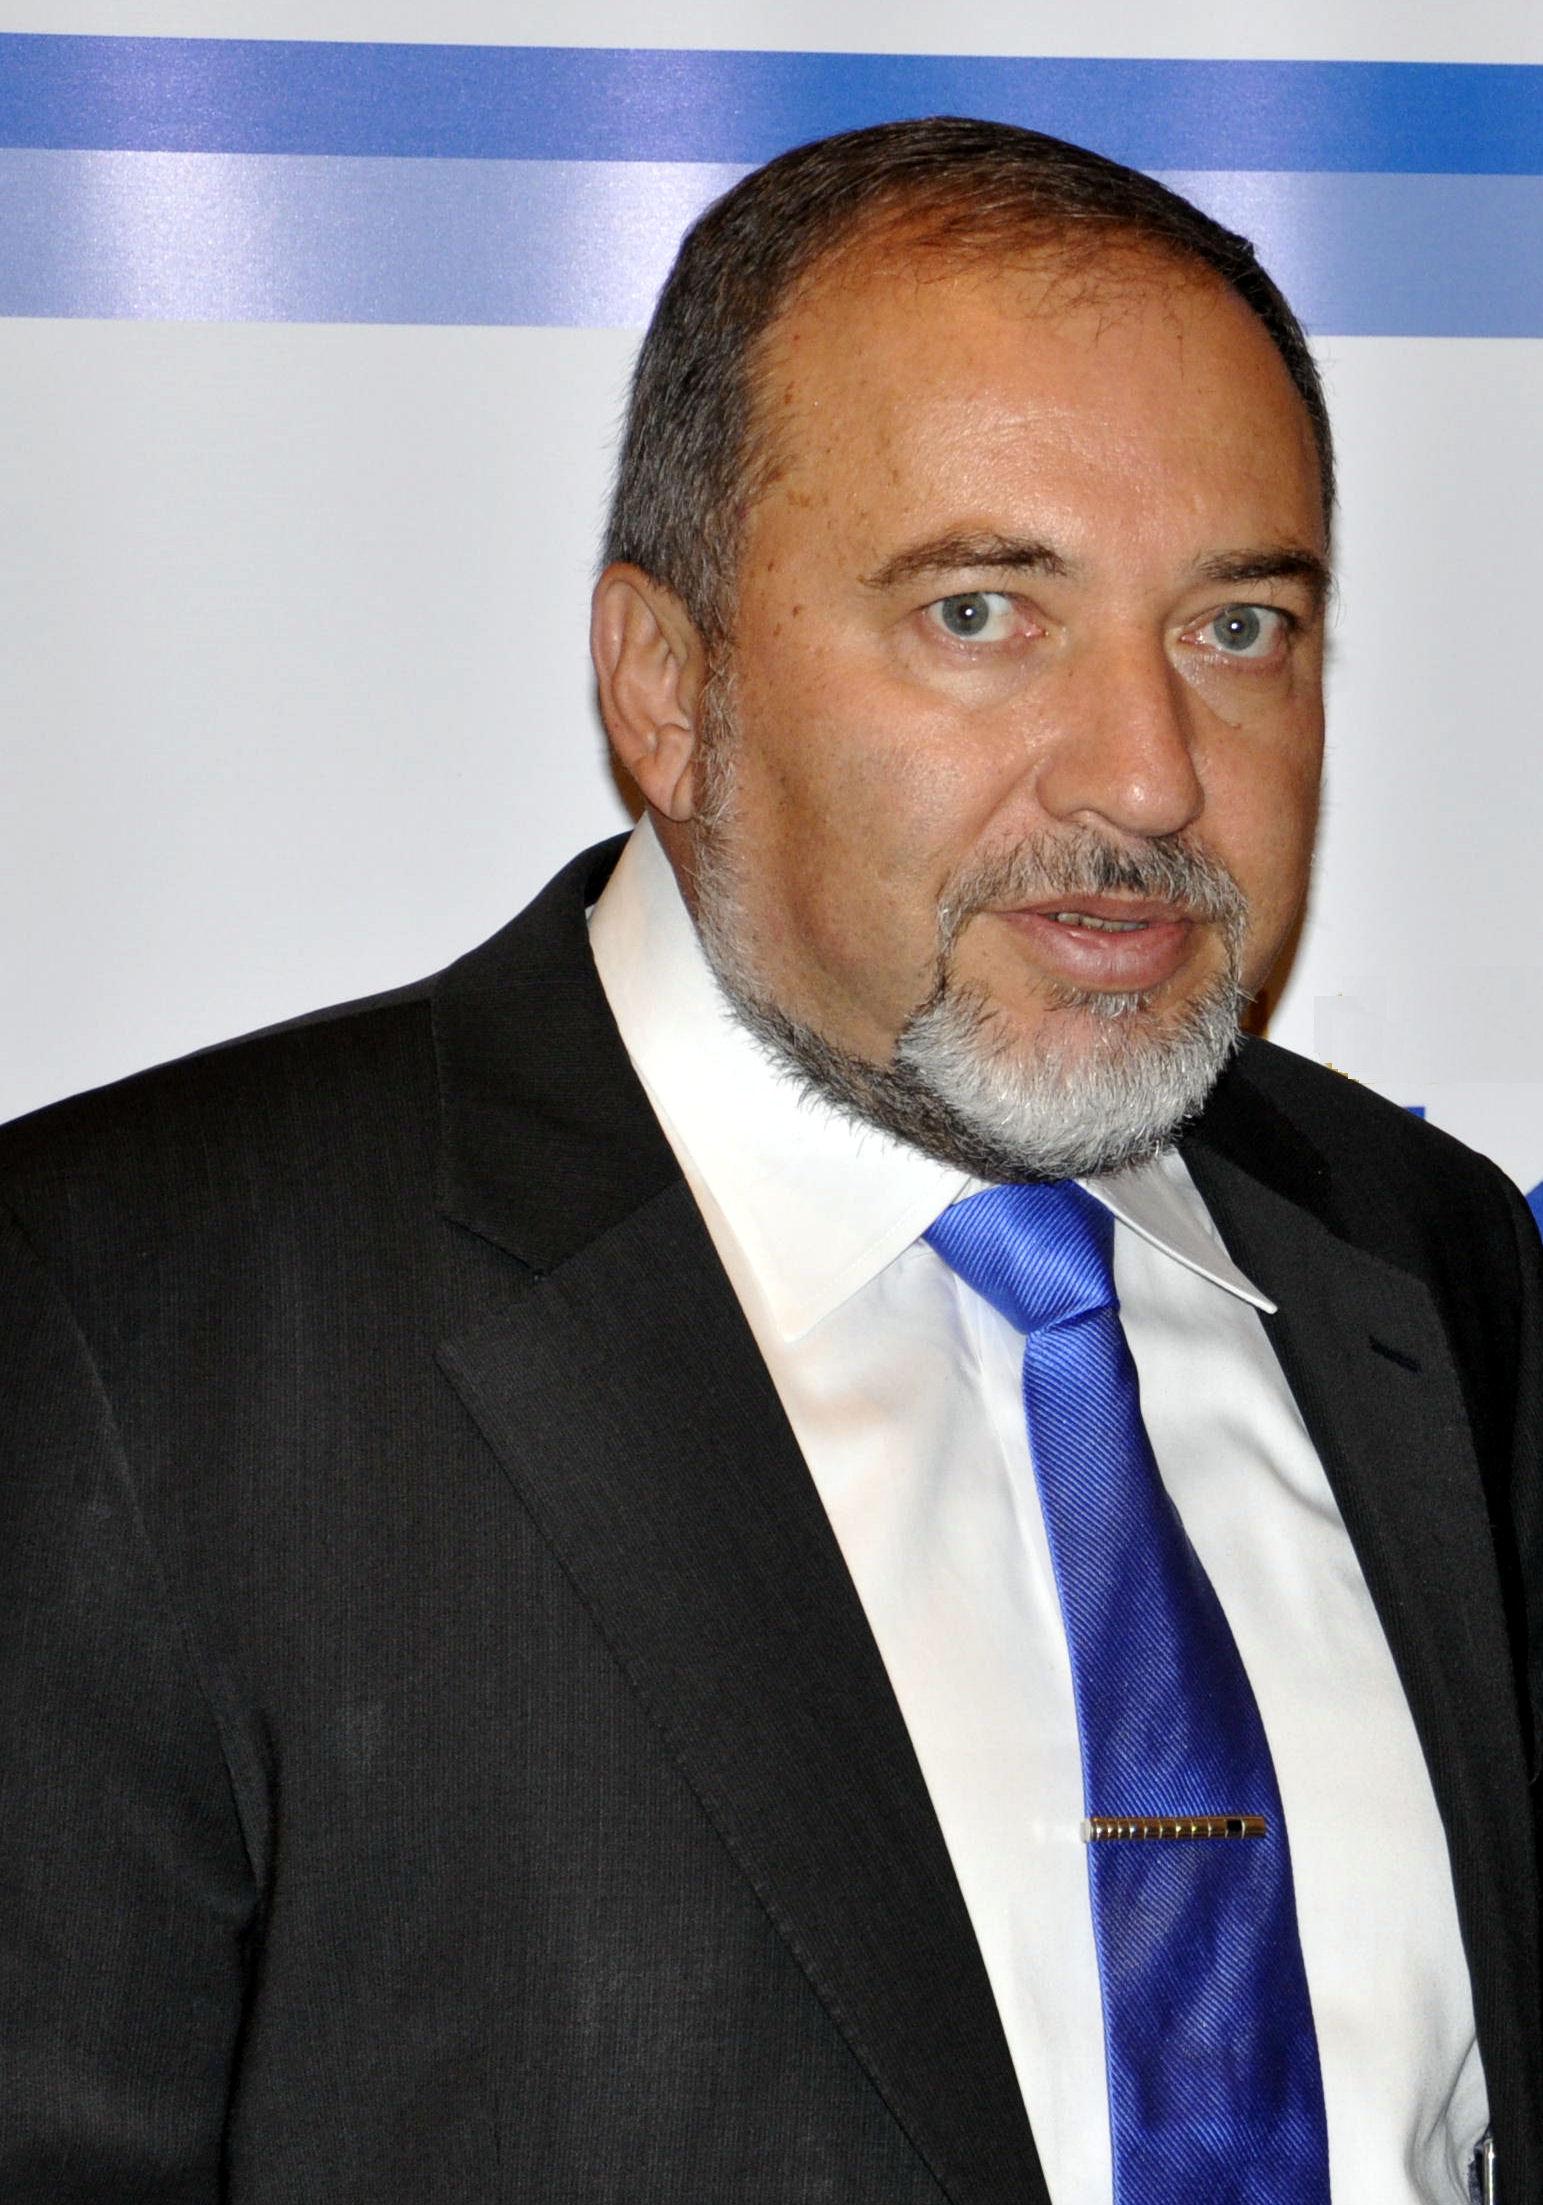 Avigdor Lieberman's quote #3